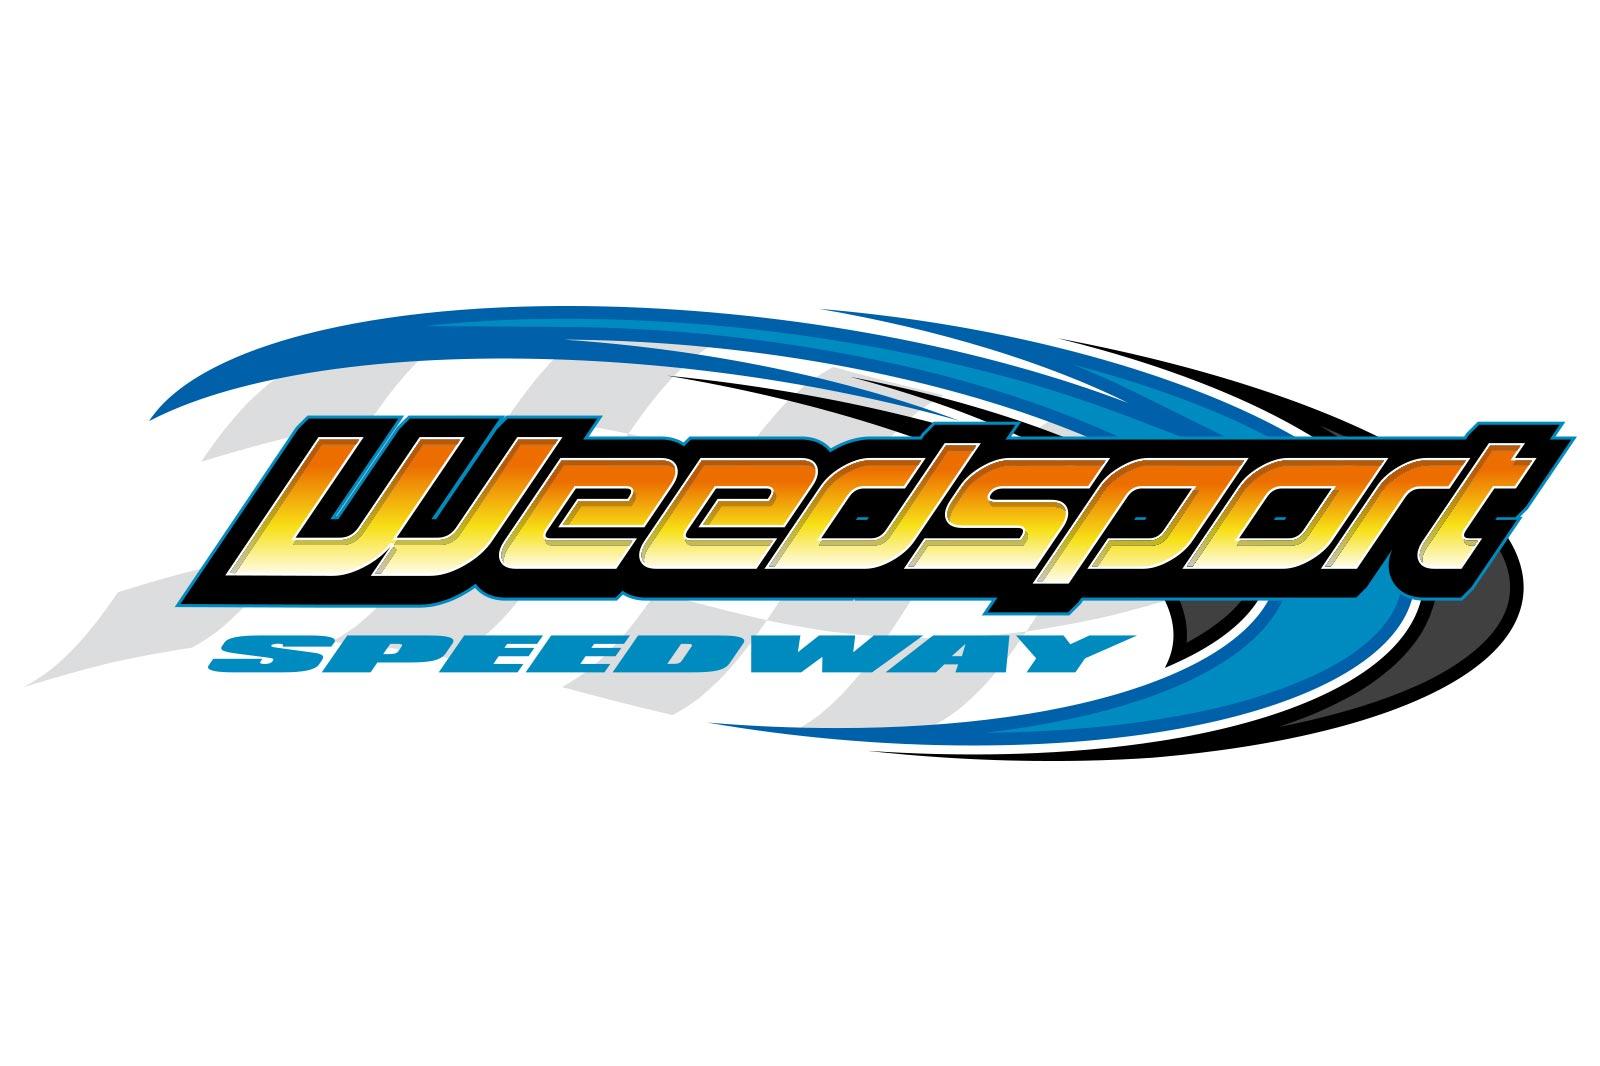 World of Outlaw Sprints in 2015  Weedsport Speedway